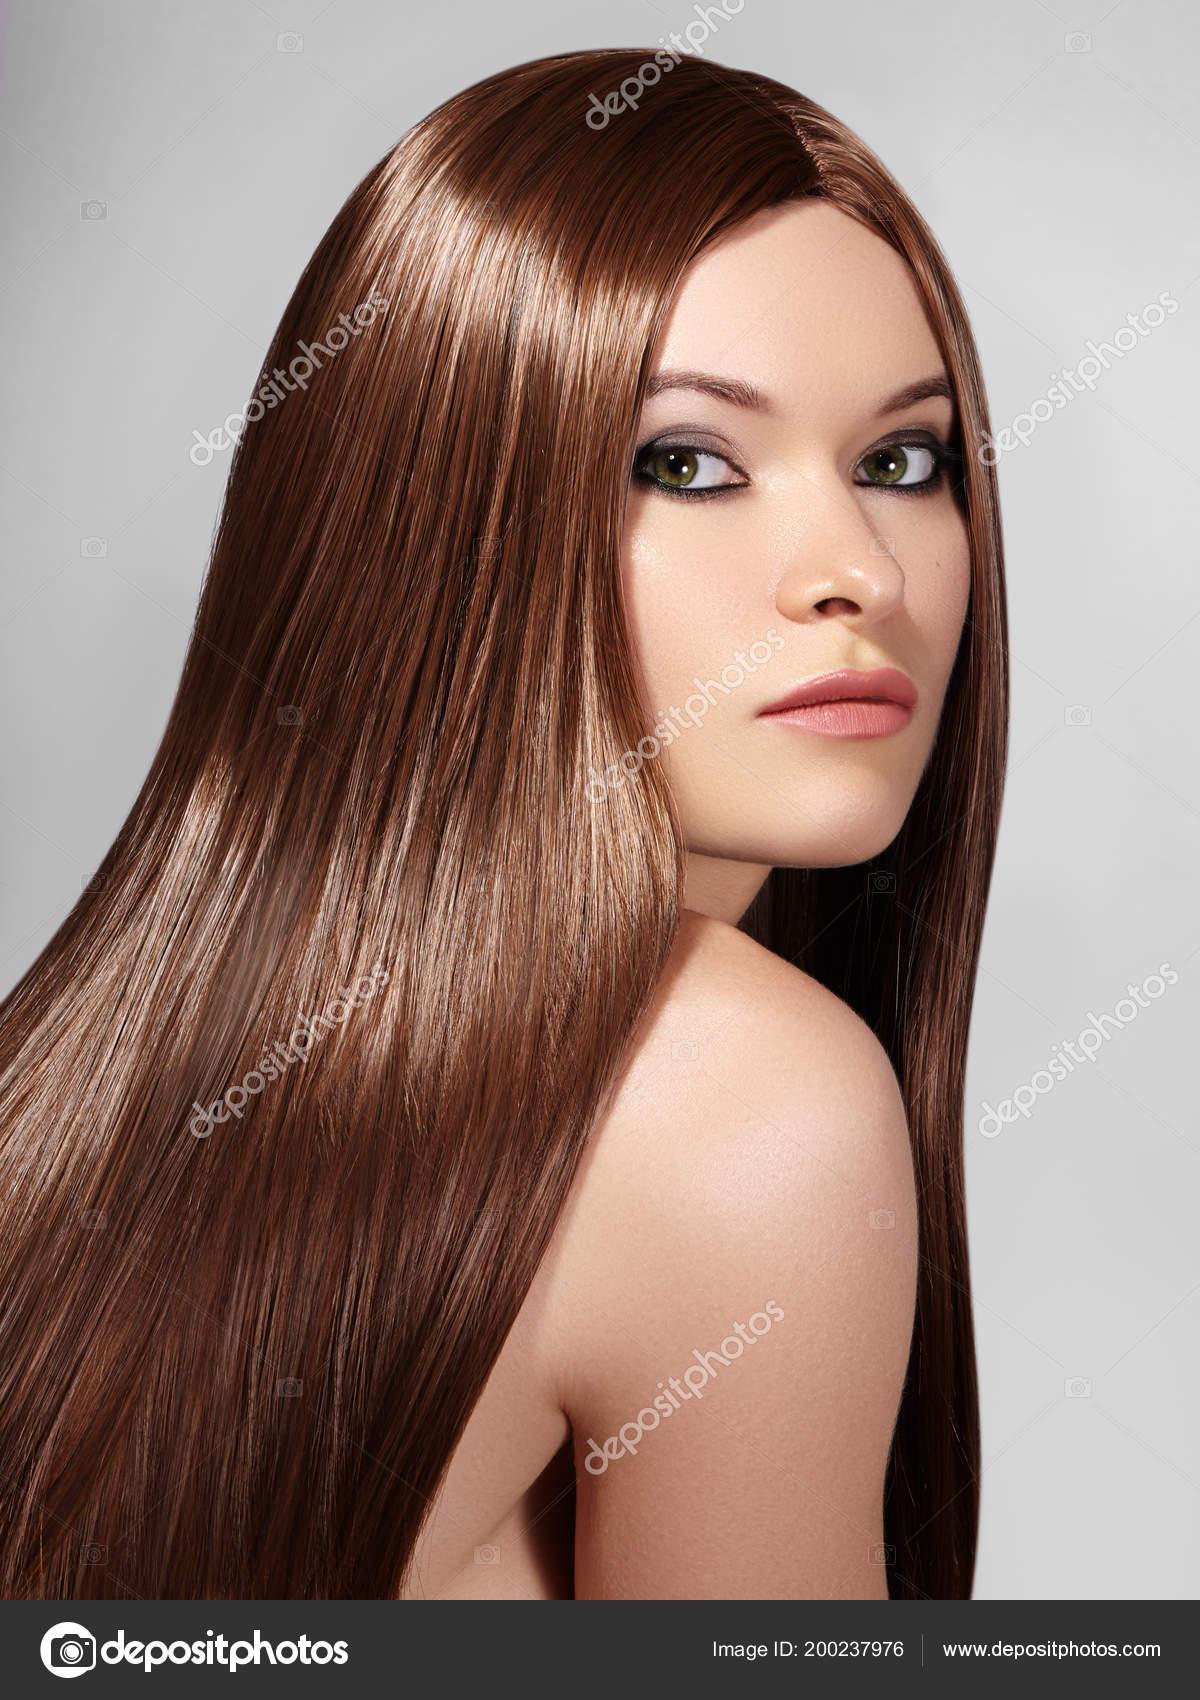 Schone Yong Frau Mit Lange Glatte Braune Haare Sexy Mode Stockfoto